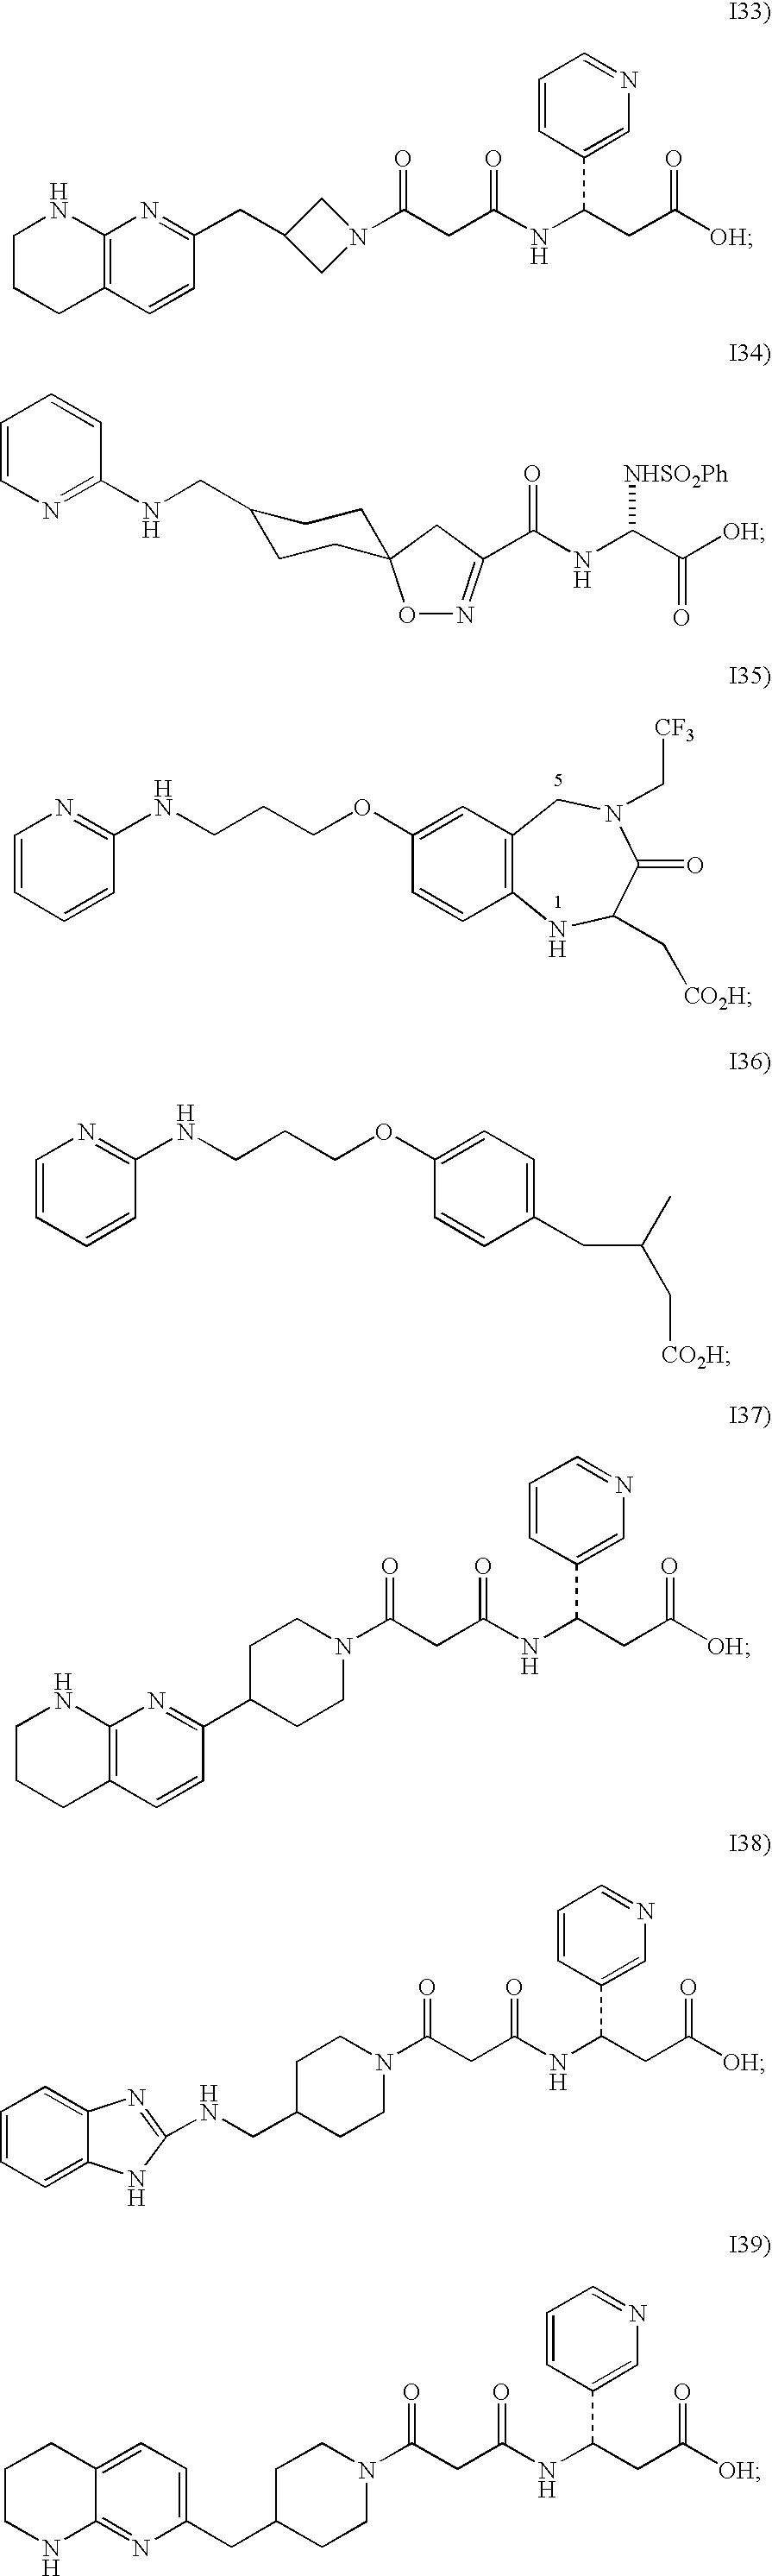 Figure US06833373-20041221-C00021